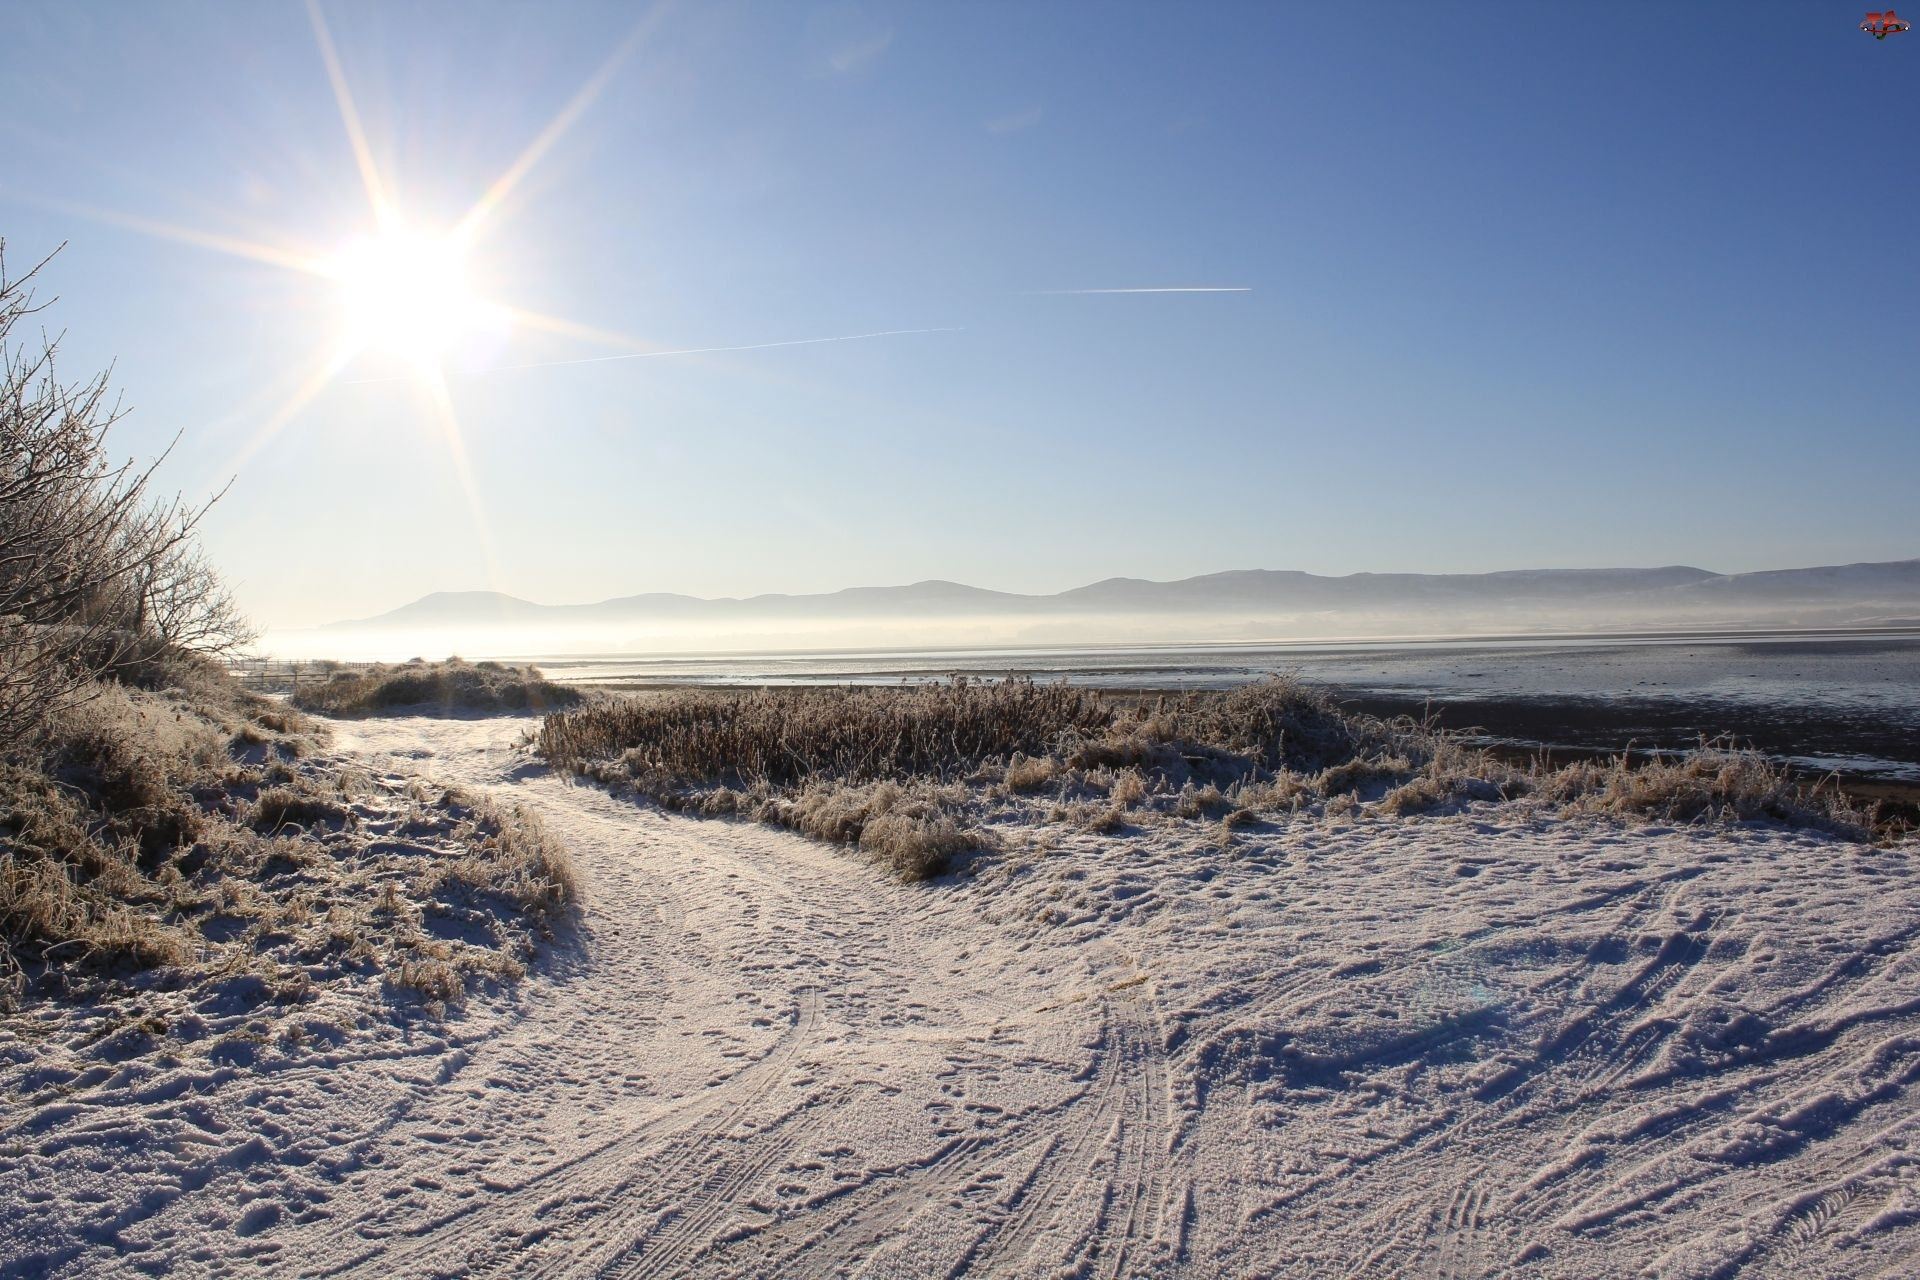 Sligo Strandhill, Słońca, Szron, Promienie